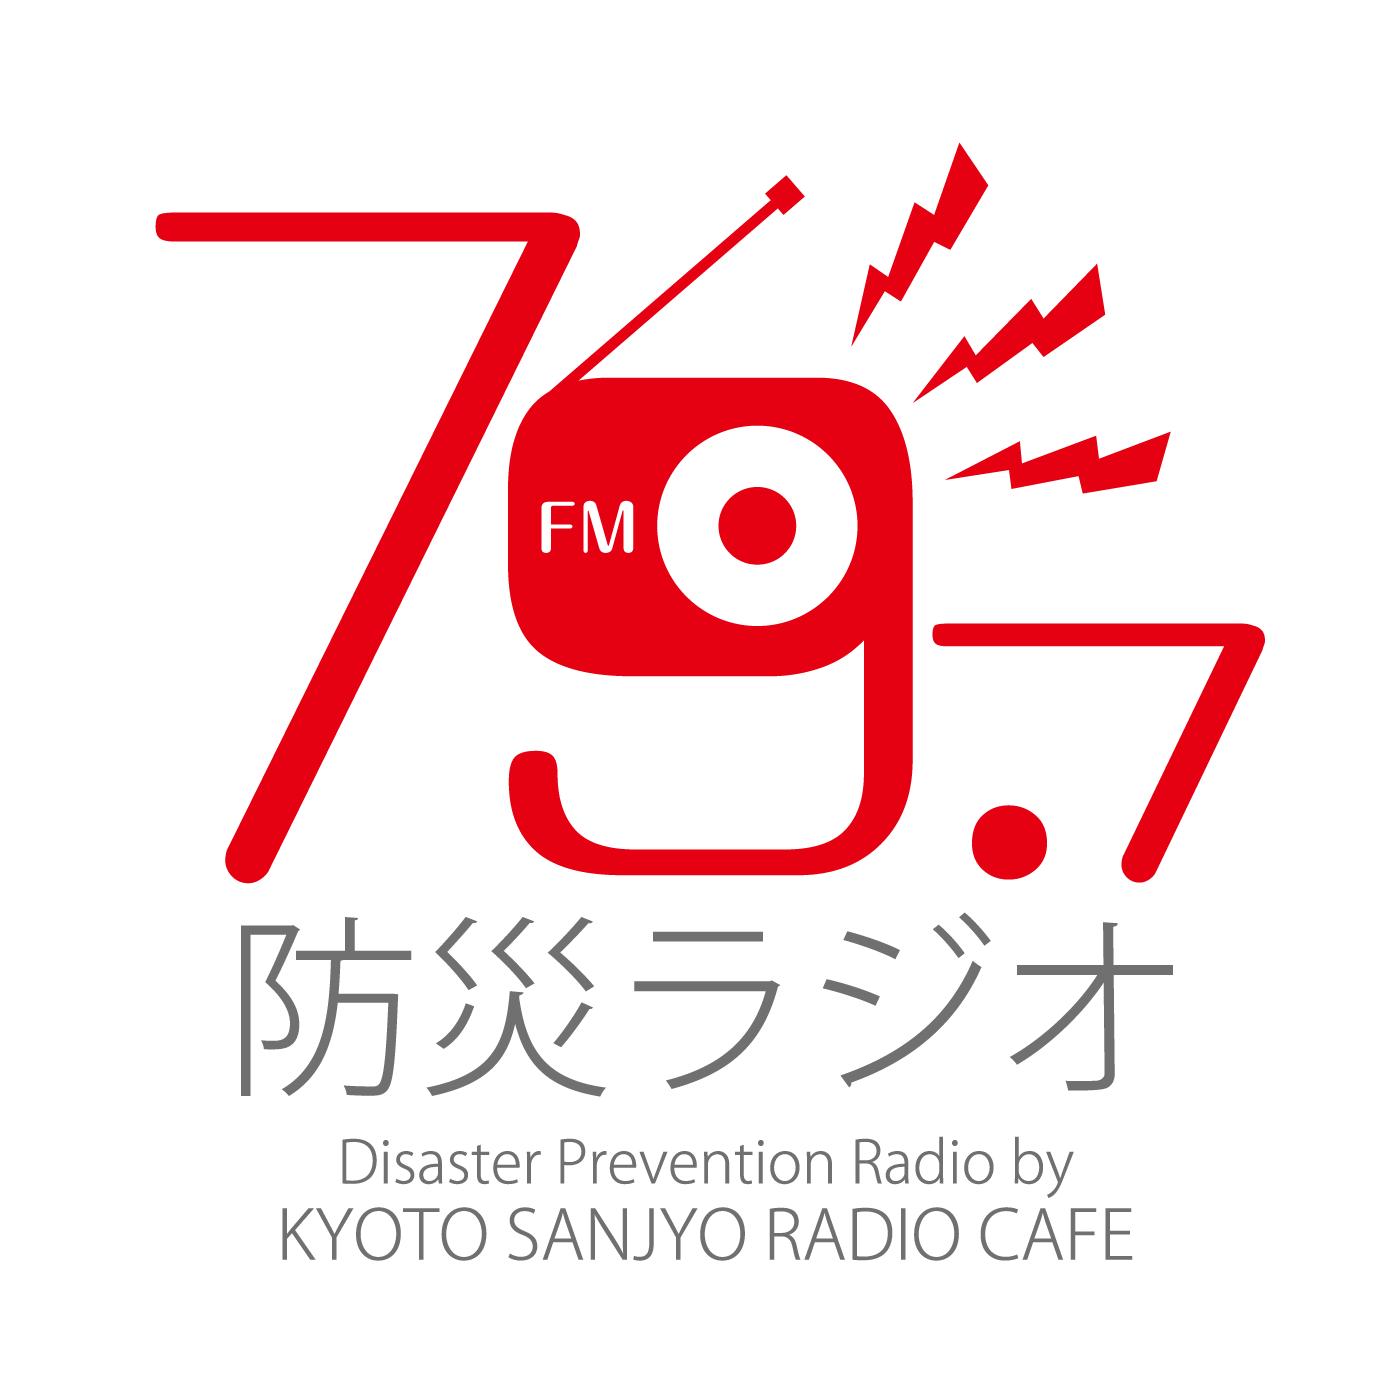 FM79.7 防災ラジオ - FM79.7MHz京都三条ラジオカフェ:放送